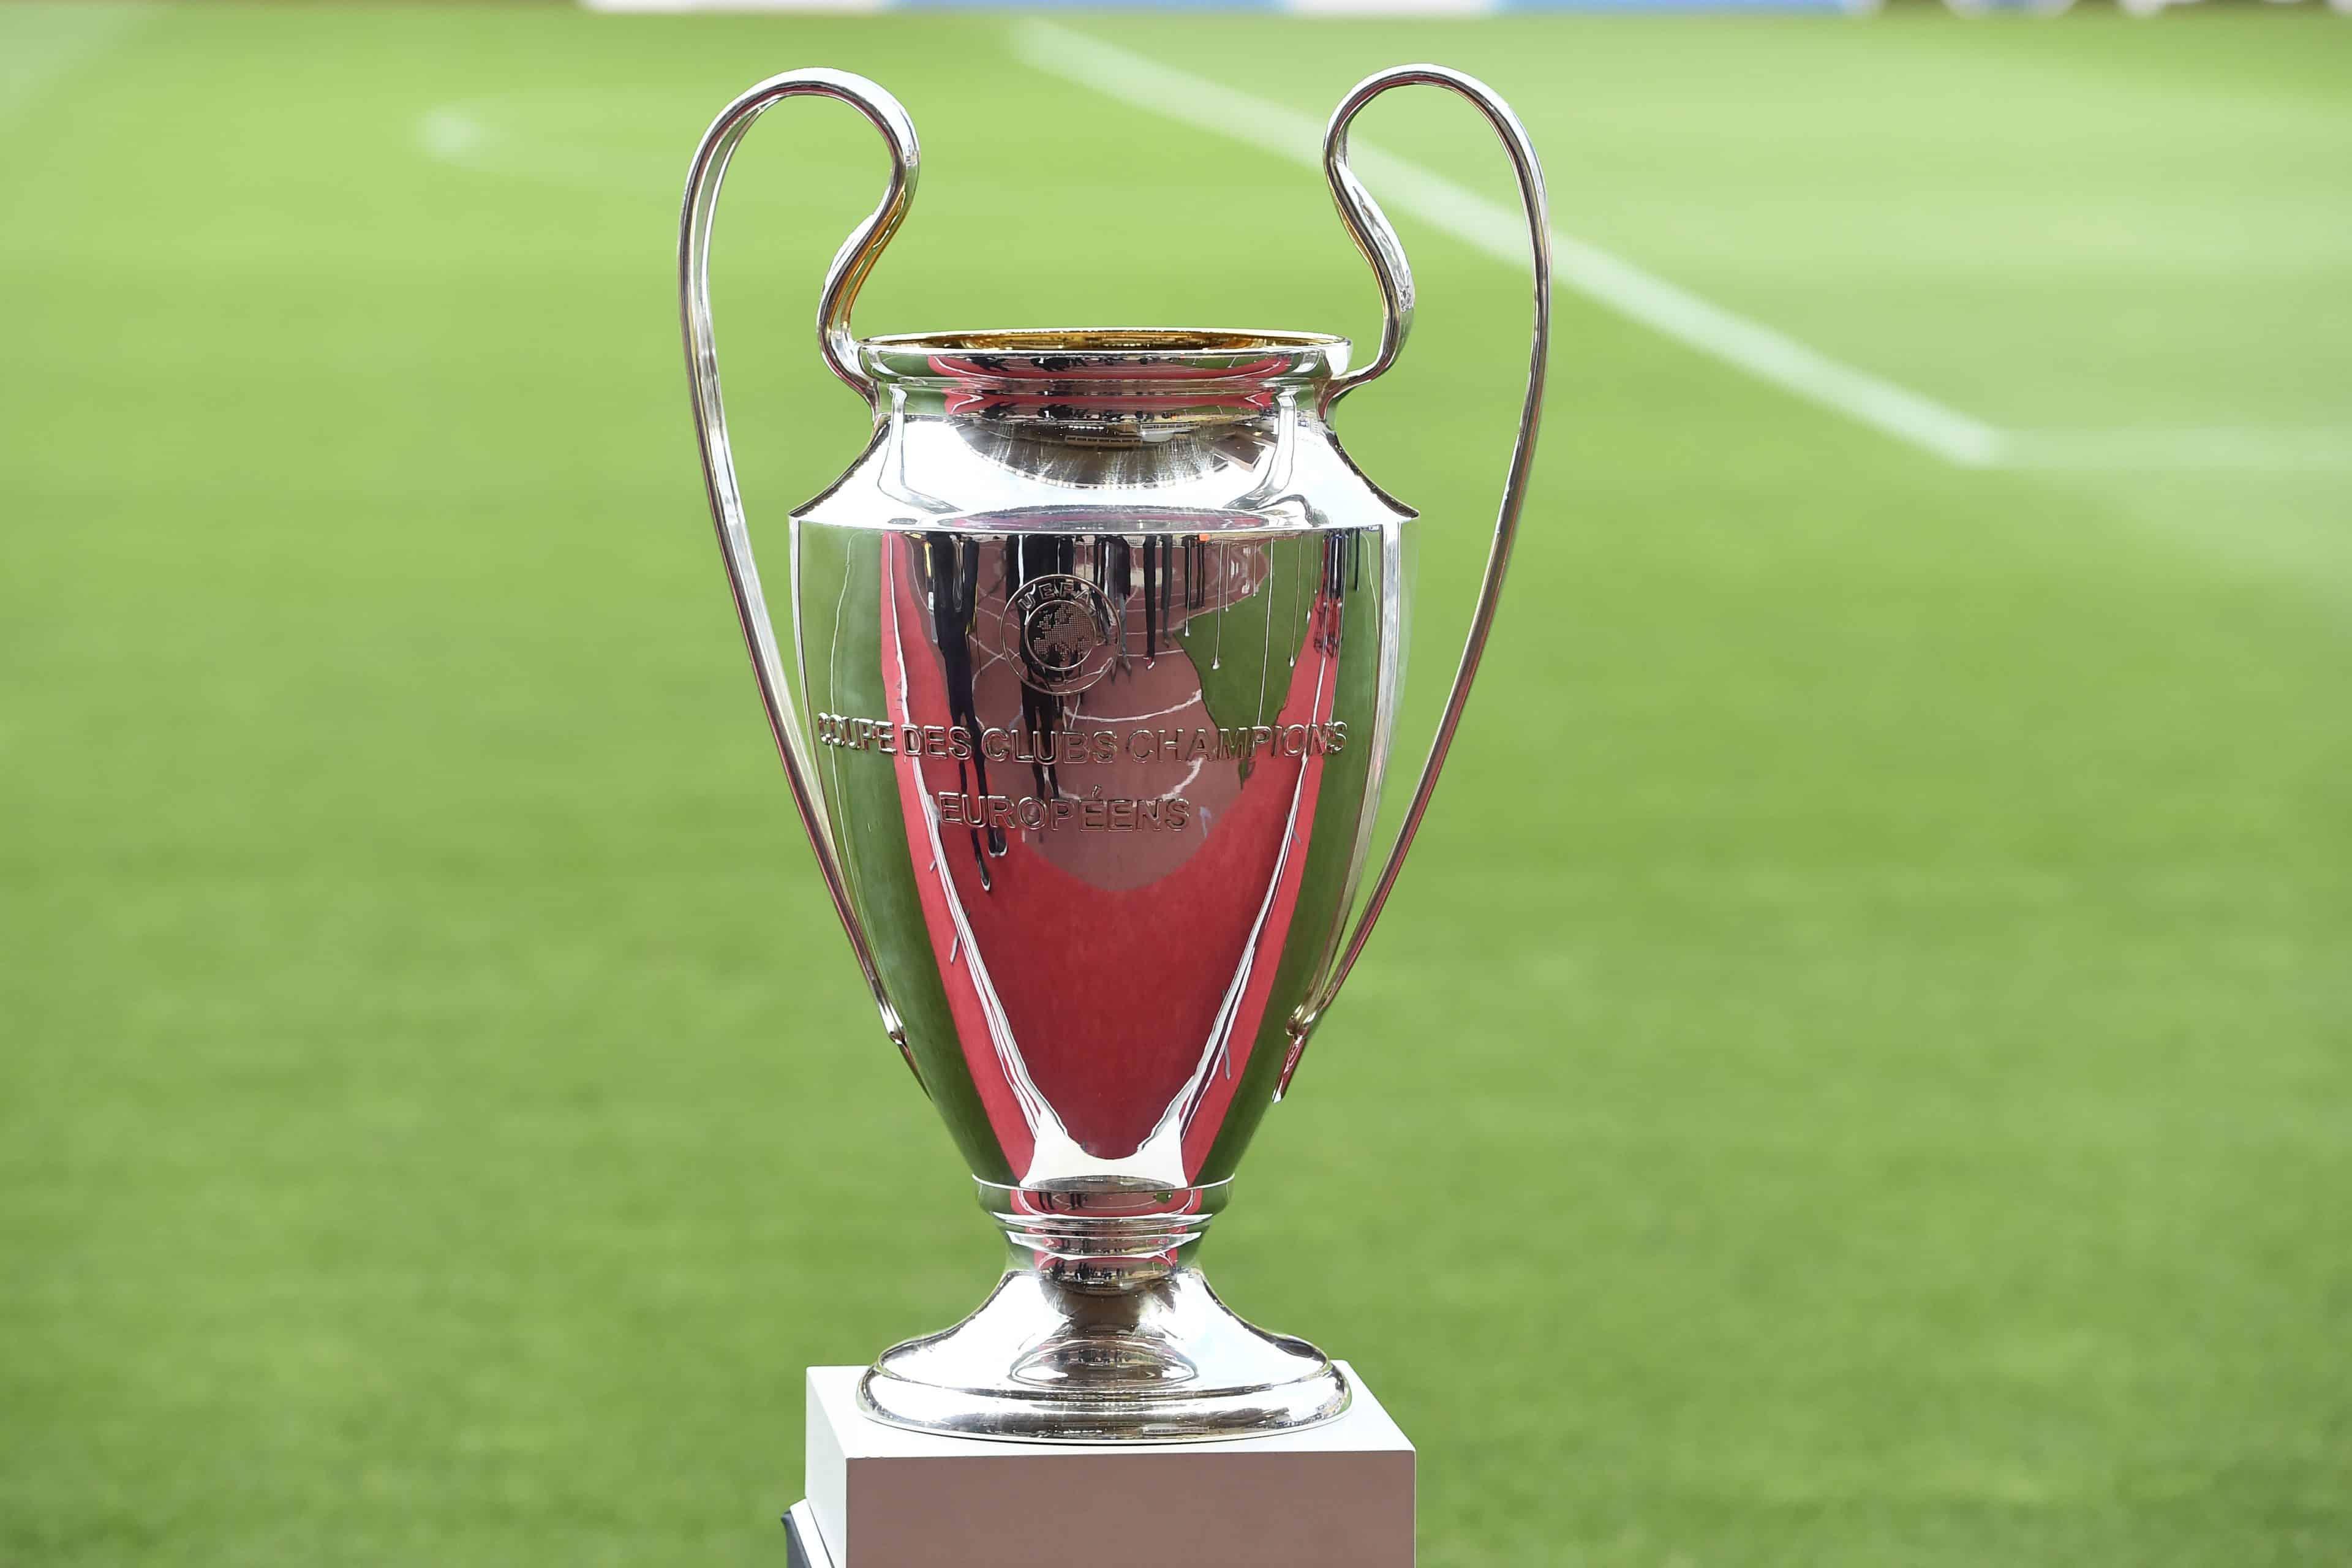 Calendario Quarti Di Finale Champions League.Calendario Quarti Di Finale Champions League 2019 Quando Si